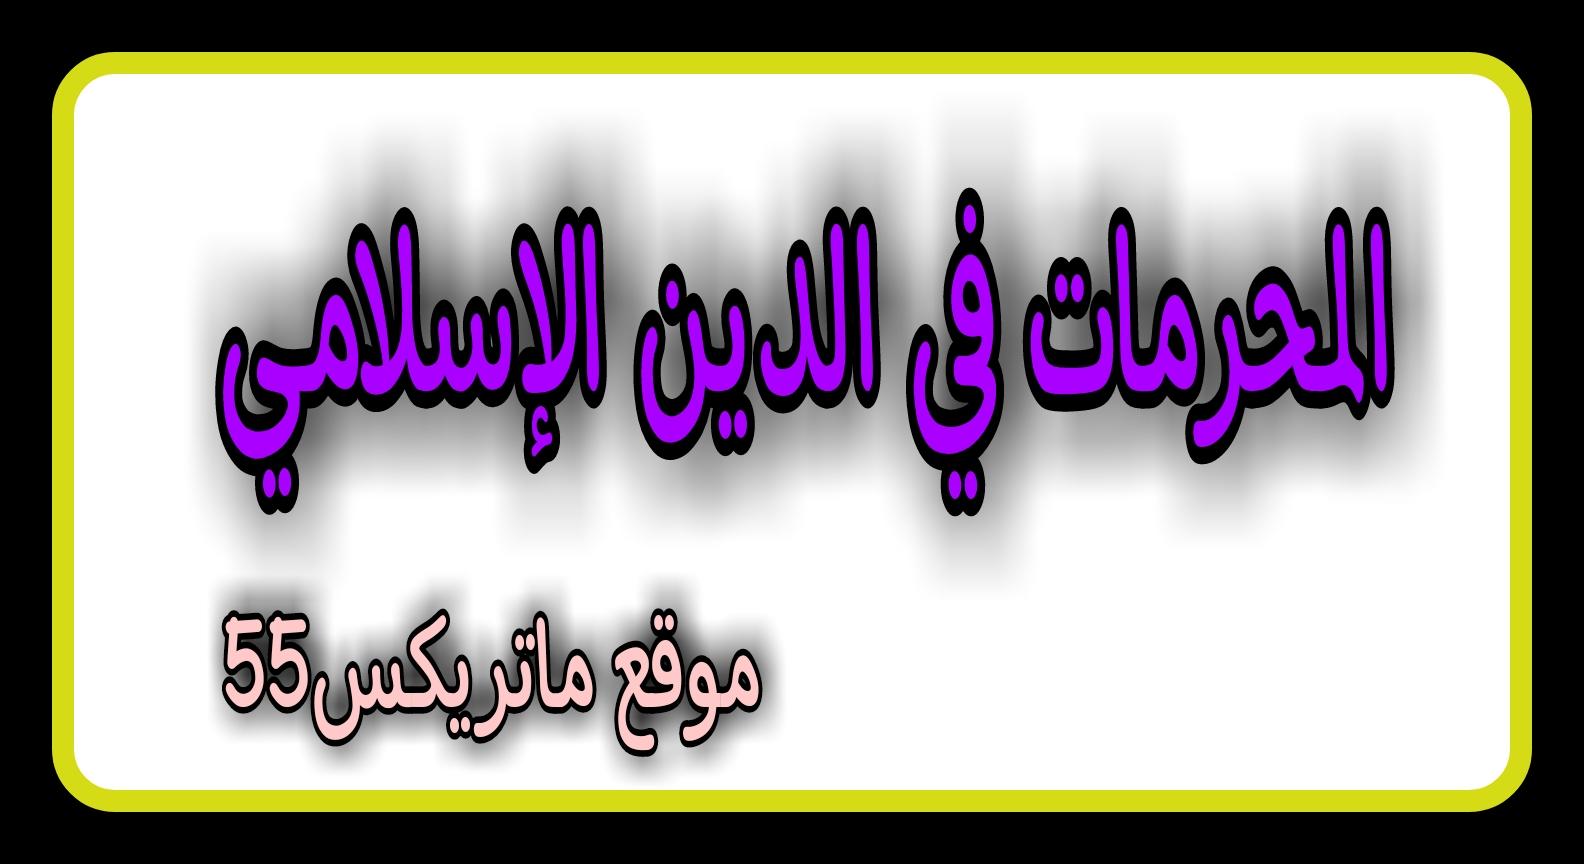 المحرمات في الإسلام | المحرمات في الإسلام مع الدليل | المحرمات في الاسلام موضوع